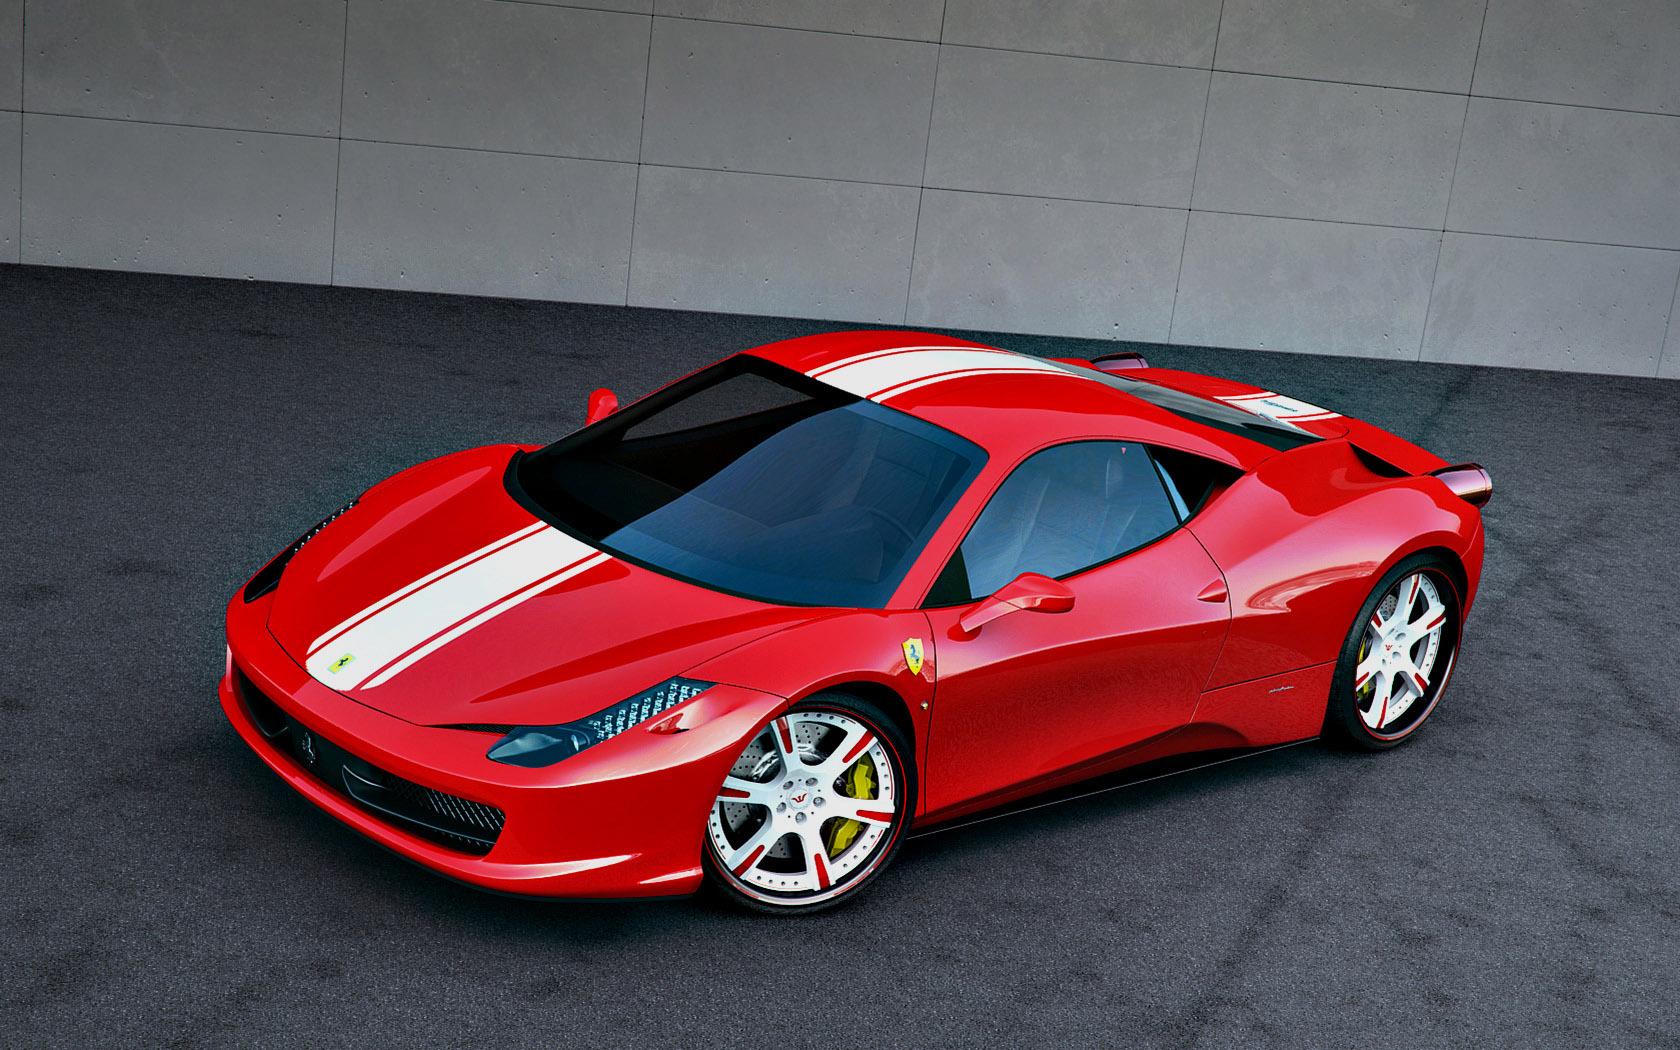 wheelsandmore ferrari 458 italia 8 of 8 - Wheelsandmore Ferrari 458 Italia